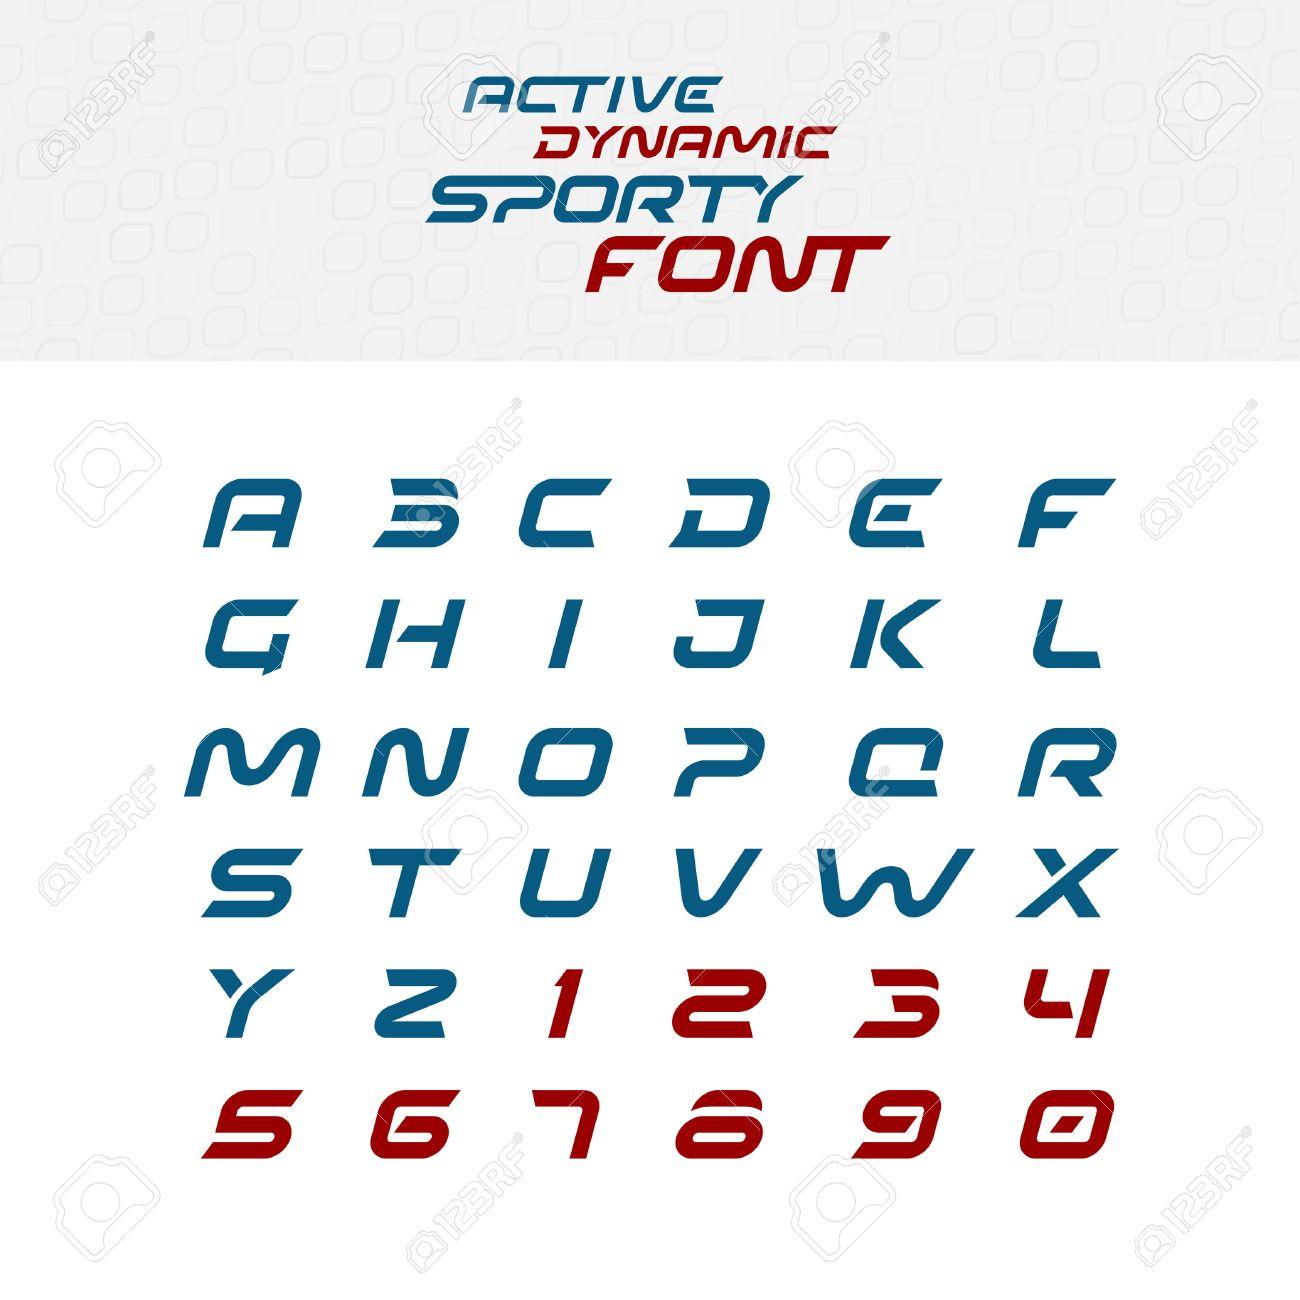 Techno Deportes Letras Del Alfabeto De La Fuente. Skew Tipo De Letra ...